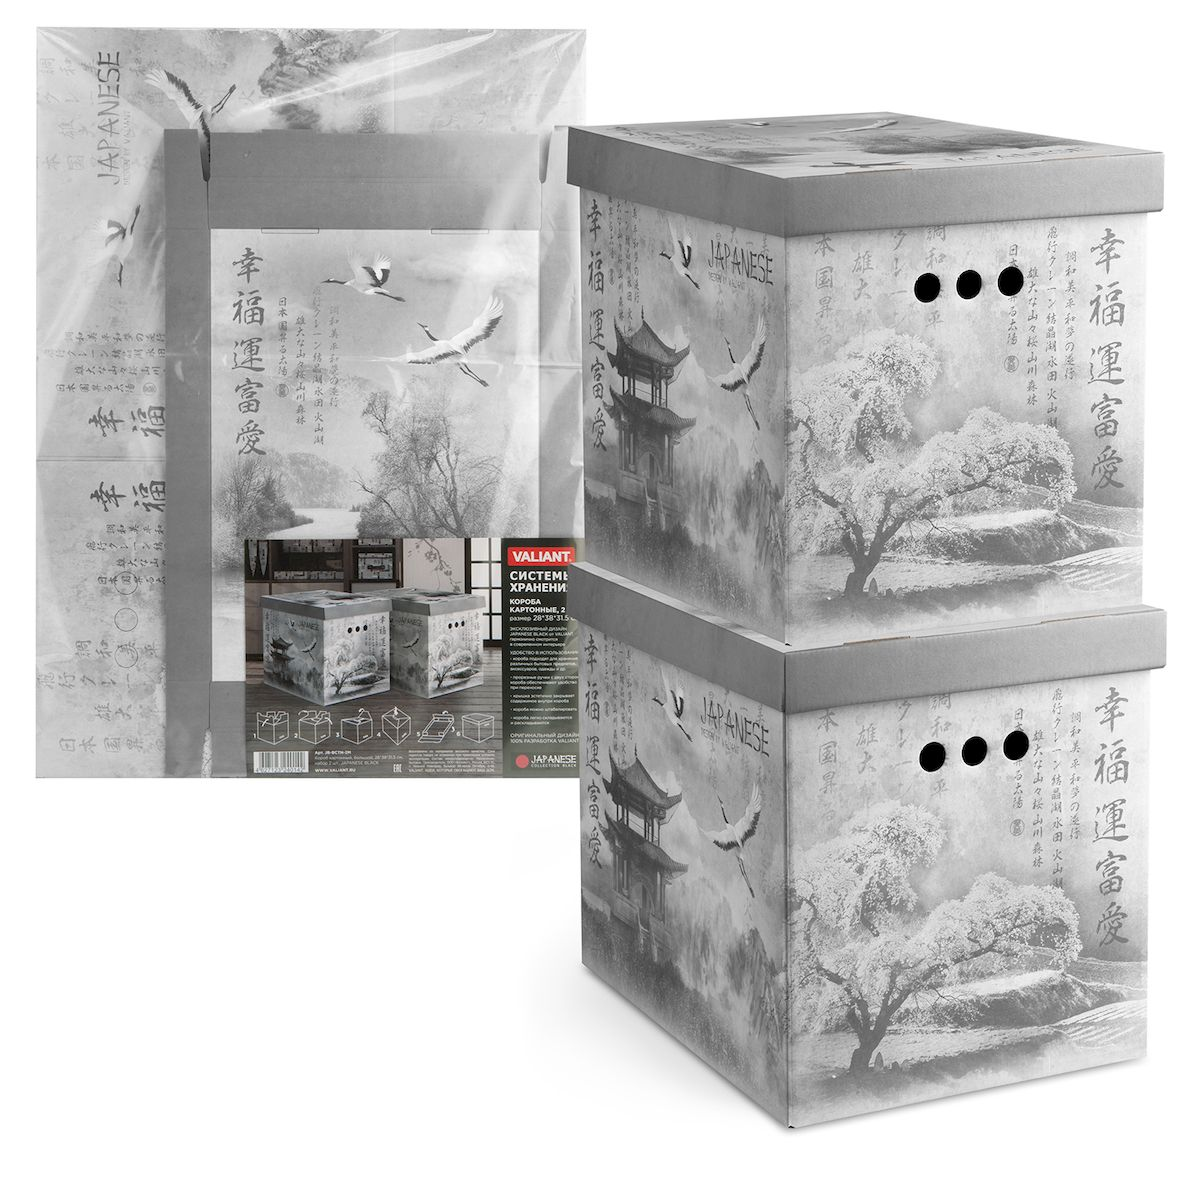 Короб для хранения Valiant Japanese Black, складной, 28 х 38 х 31,5 см, 2 штJB-BCTN-2MКороб для хранения Valiant Japanese Black изготовлен из картона. Изделие легко и быстро складывается. Оснащен крышкой и тремя отверстиями, которые позволяют удобно его выдвигать. Такой короб прекрасно подойдет для хранения бытовых мелочей, аксессуаров для рукоделия и других мелких предметов. С ним все мелкие вещи будут храниться аккуратно и не потеряются. Размер изделия (в собранном виде): 28 х 38 х 31,5 см.